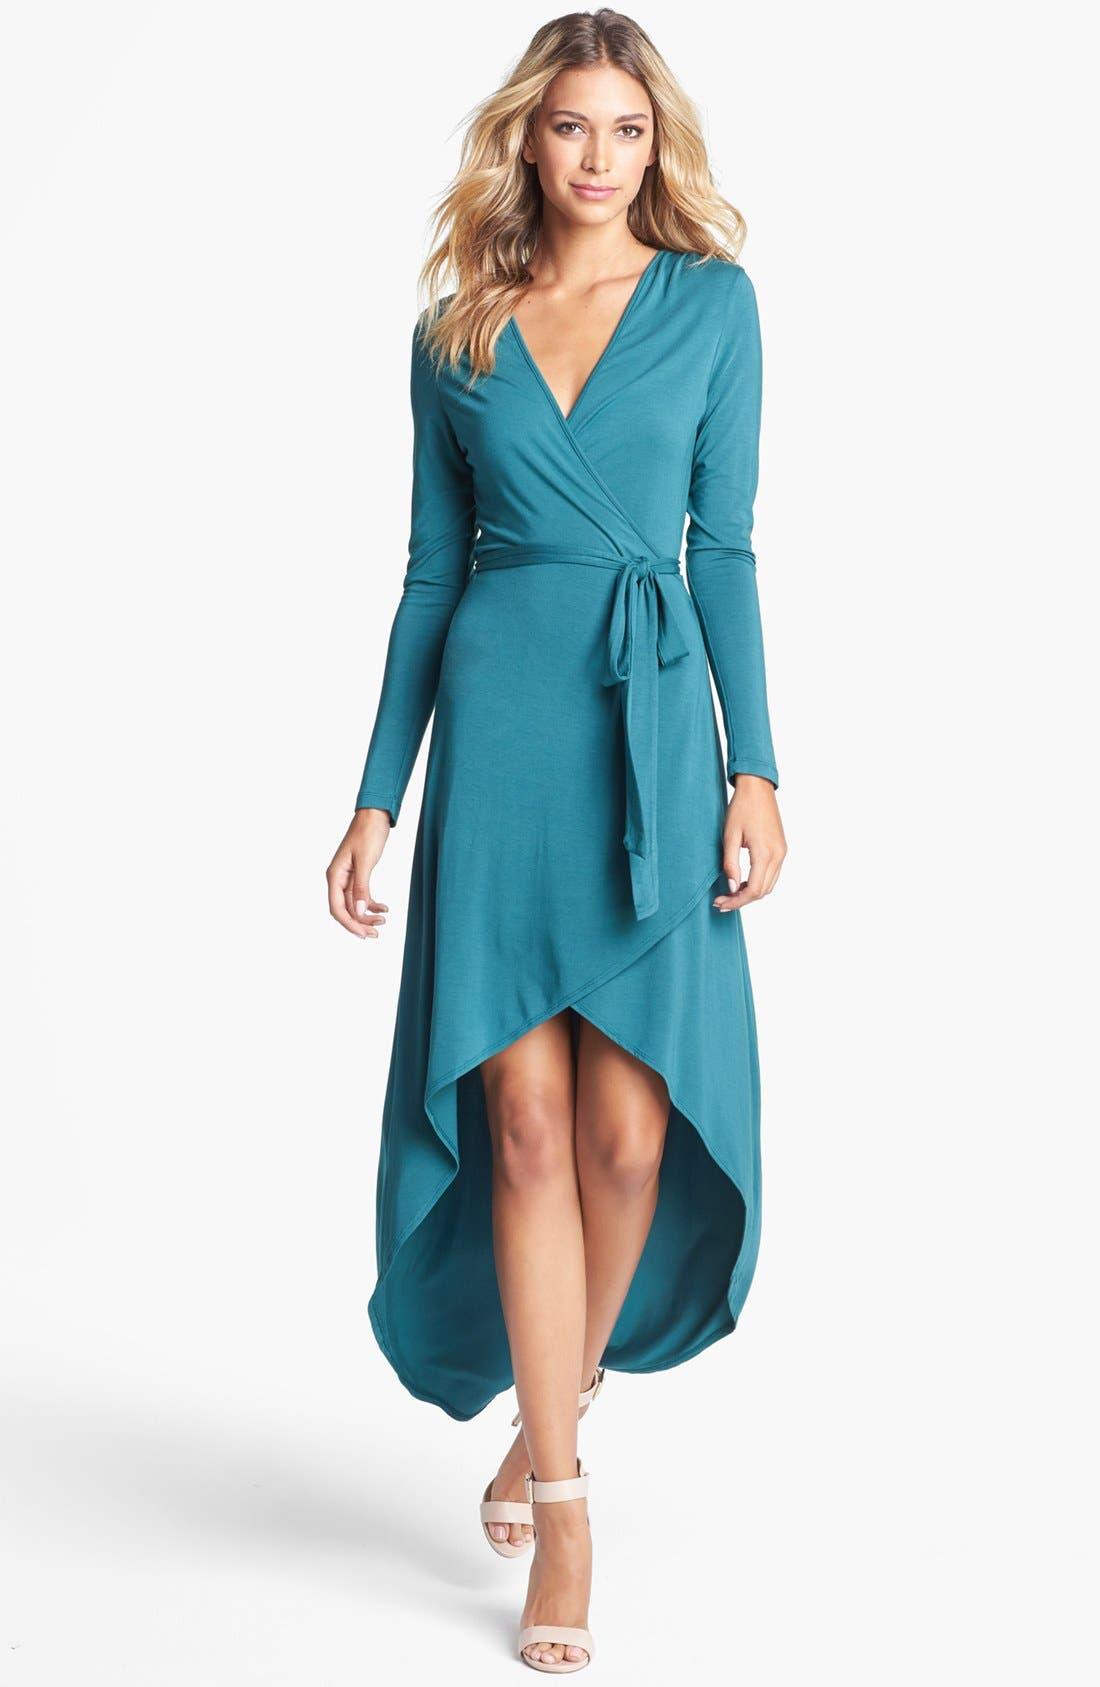 Alternate Image 1 Selected - Tart 'Autumn' High/Low Jersey Wrap Dress